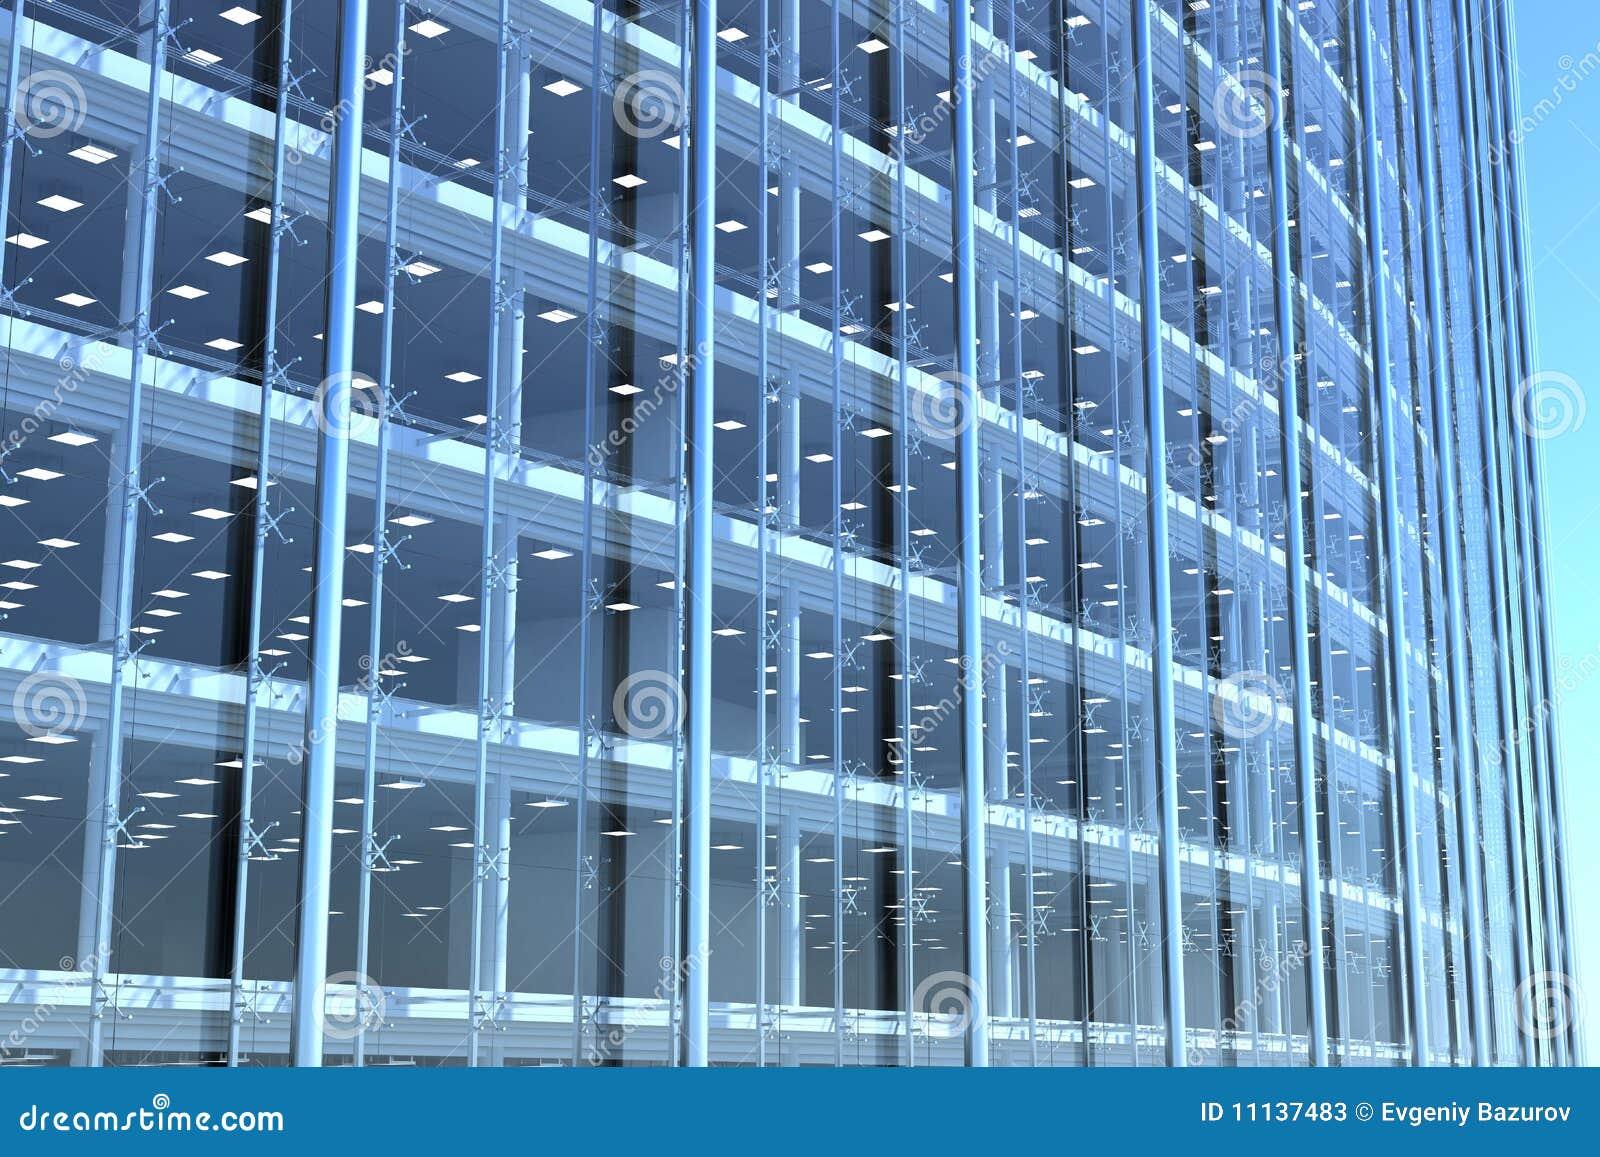 Esconda la fachada de cristal del edificio de oficinas - Fachada de cristal ...